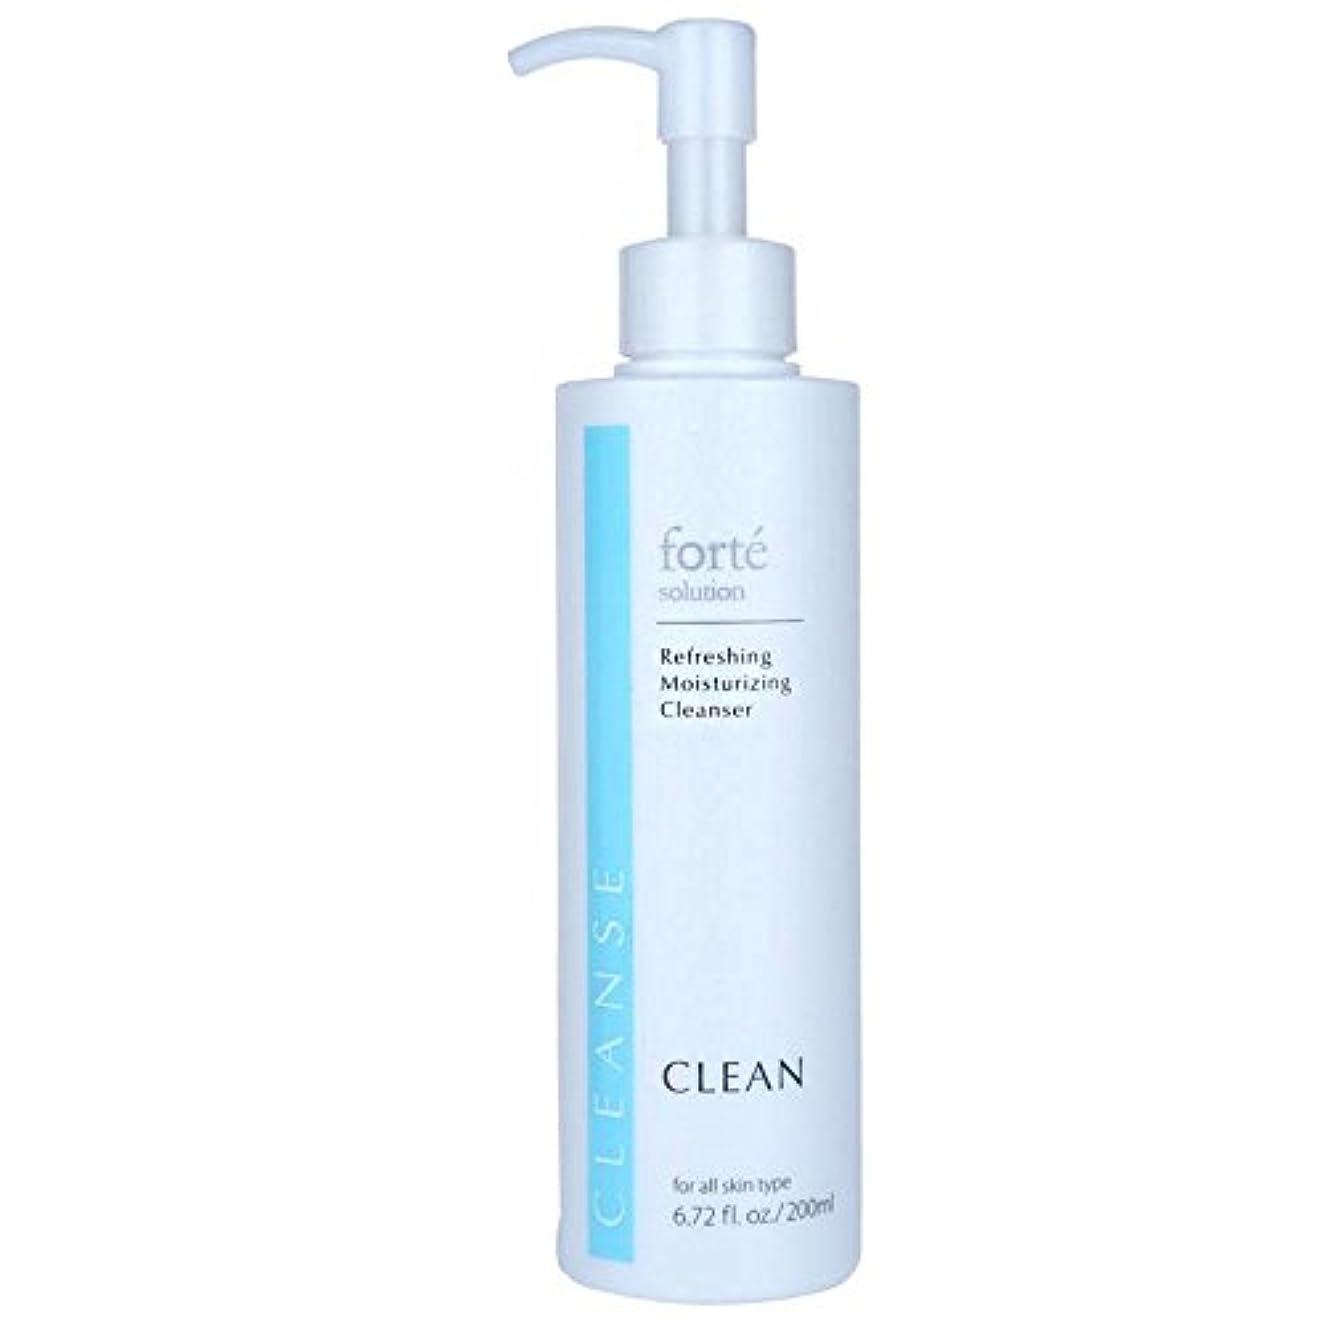 フェザー人形賢明なFORTE CLEAN Refreshing Moisturizing Cleanser 200ml/6.72oz並行輸入品